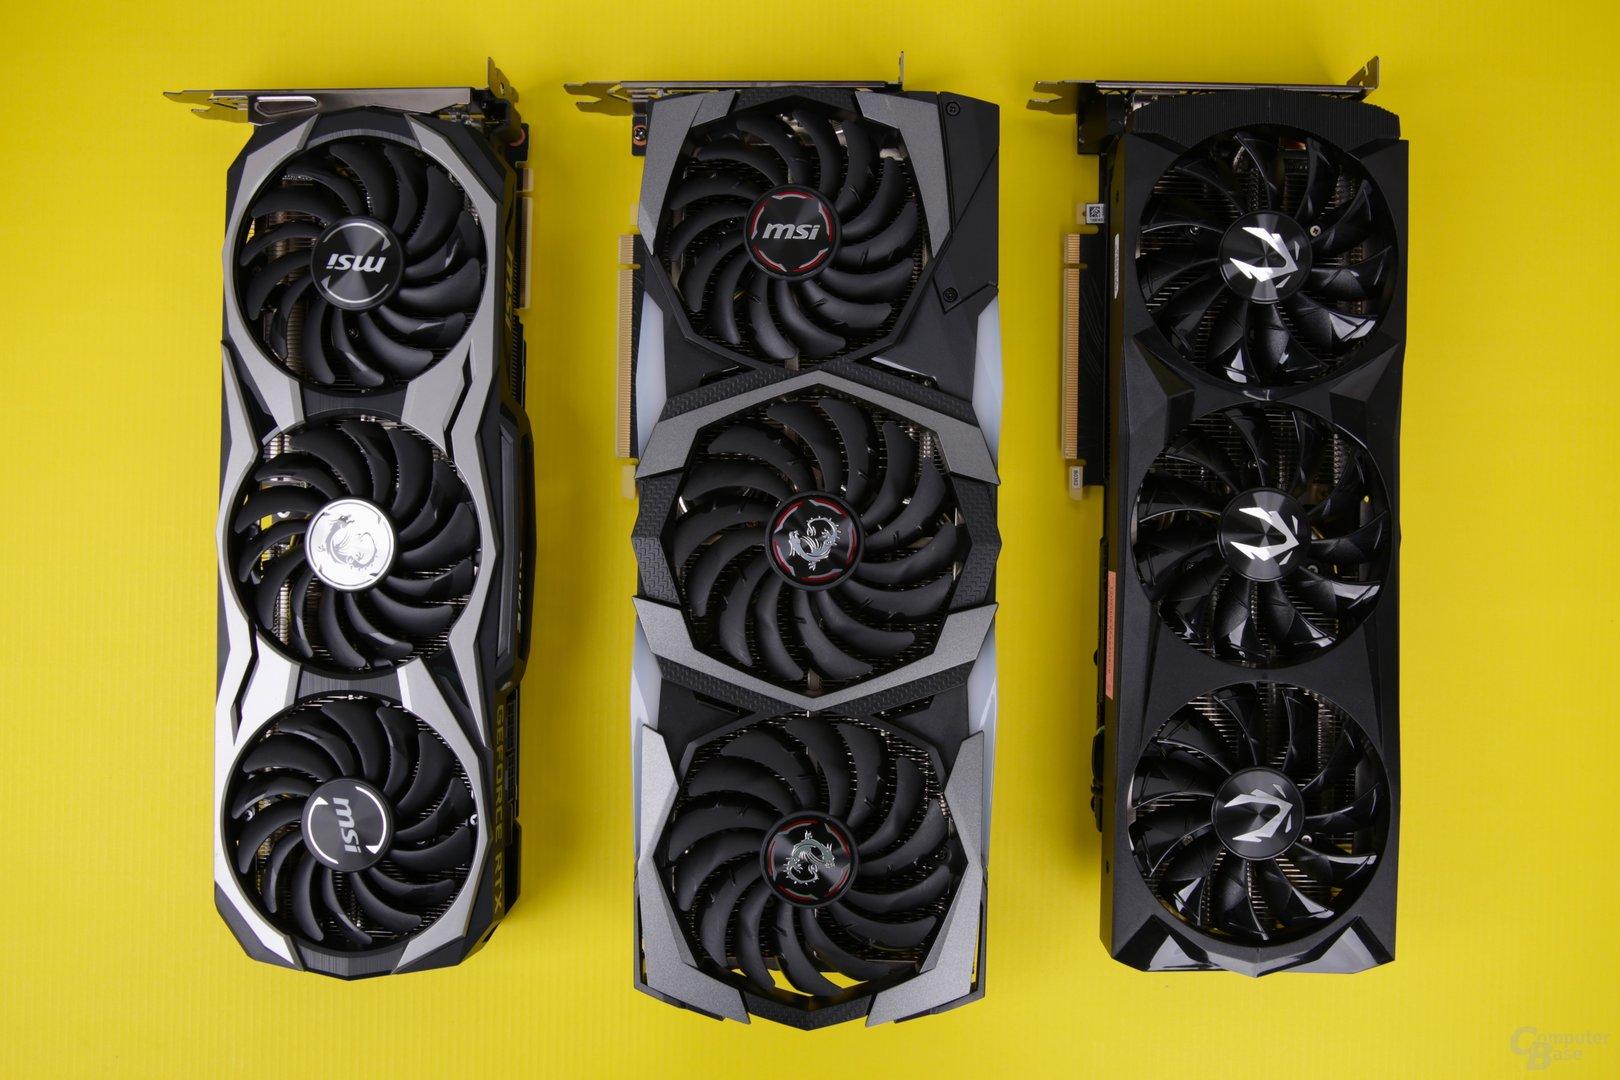 MSI GeForce RTX 2080 Ti Duke, GeForce RTX 2080 Gaming X Trio ud Zotac GeForce RTX 2080 AMP! (v.l.n.r.)